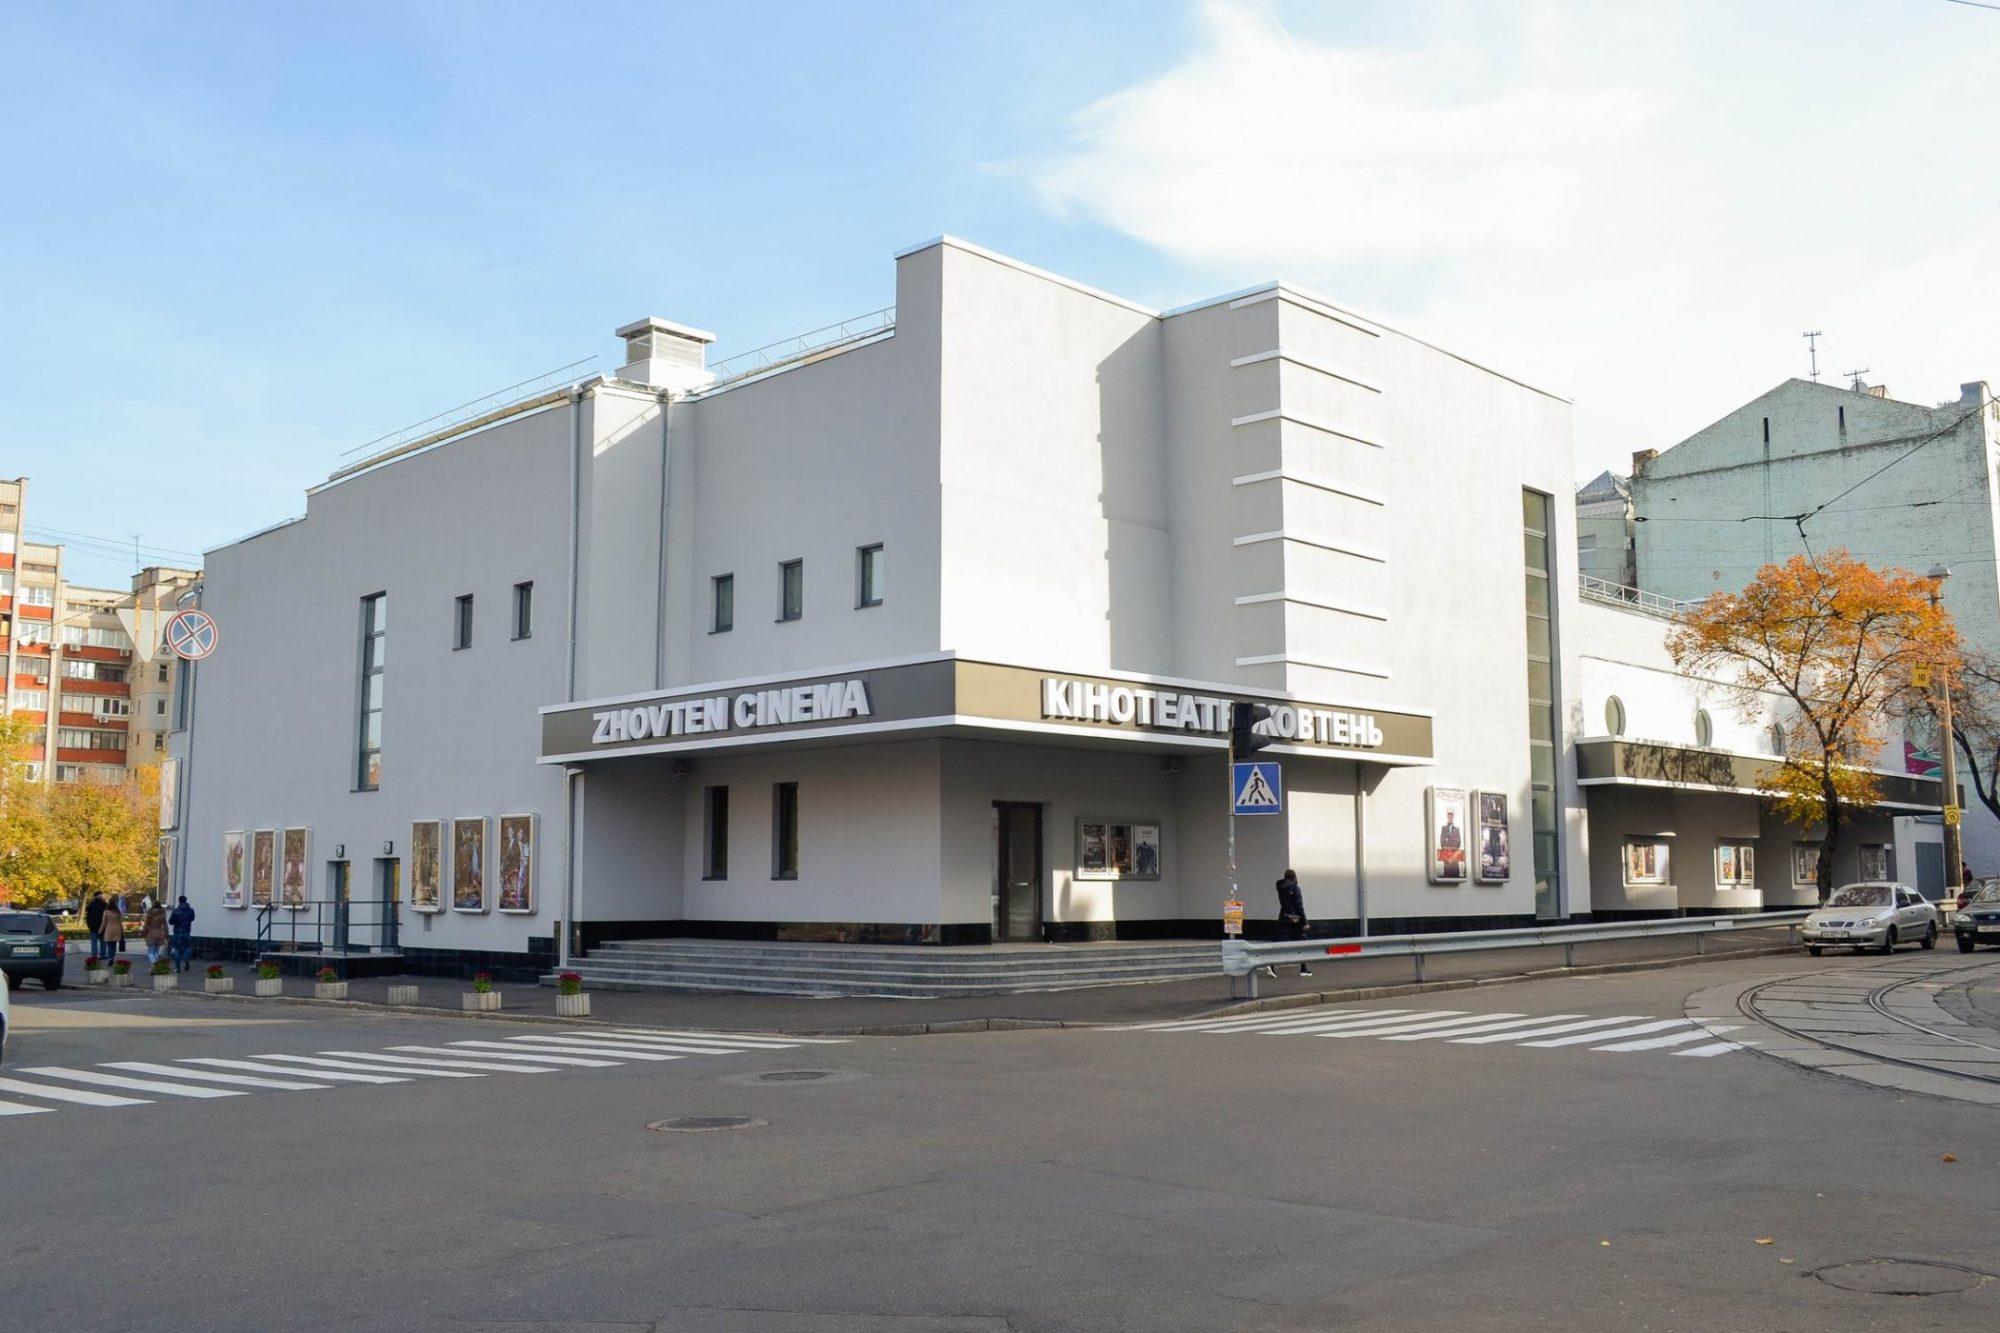 Карантин - кіна не буде: столичні кінотеатри інформують про графік роботи - коронавірус, кіно, карантин - 8d09591d3c16028bf22fbe508508e30f 2000x1333